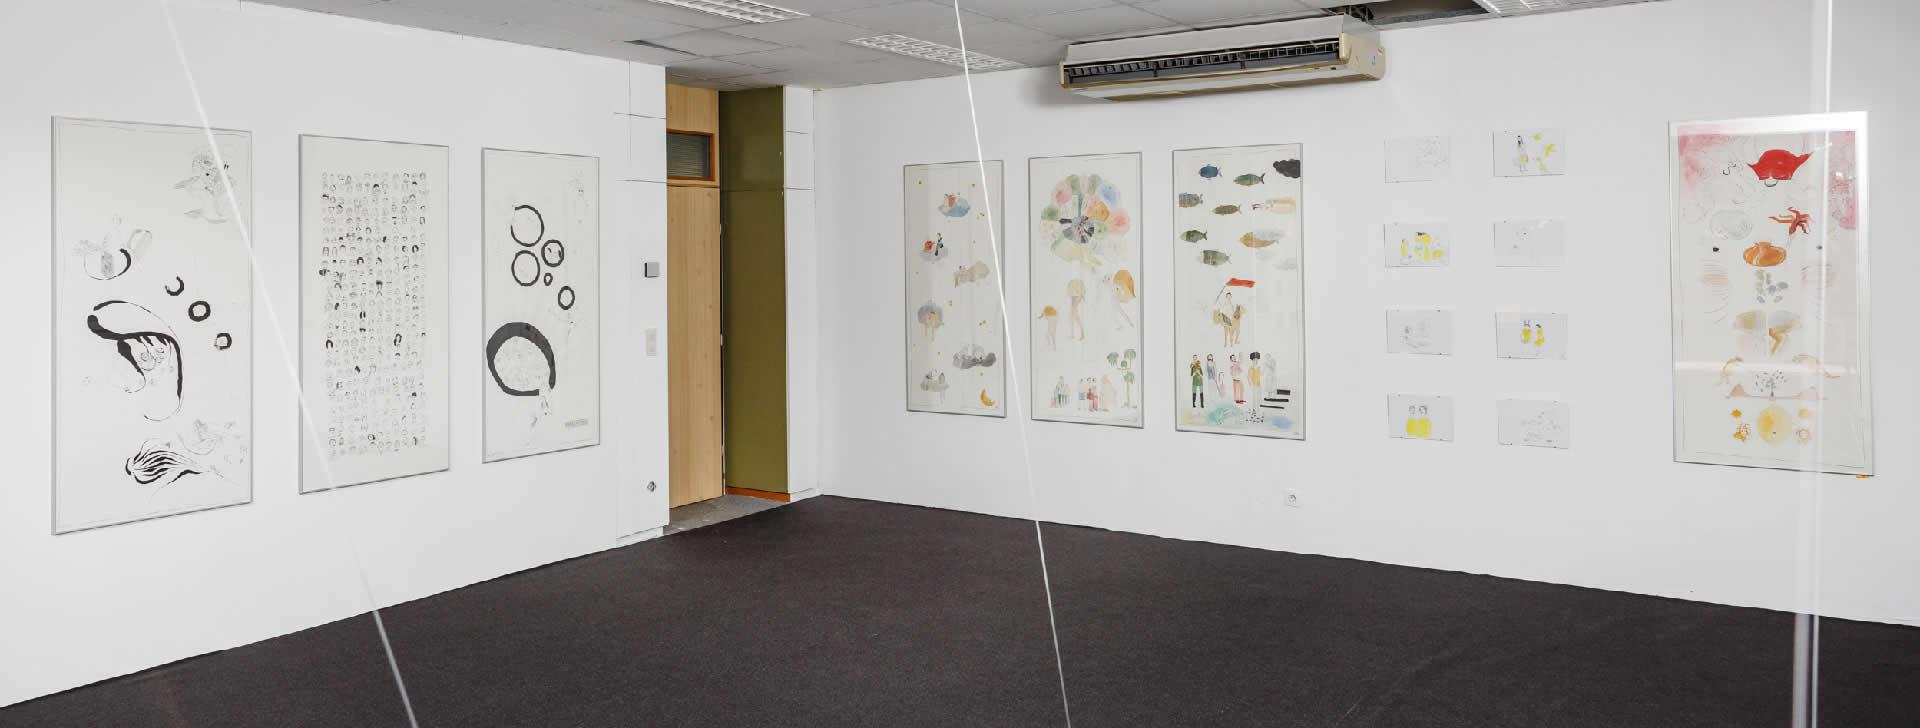 Galerie3 | Flux23 | Parallel Vienna 2017 | Stefanie Wuschitz